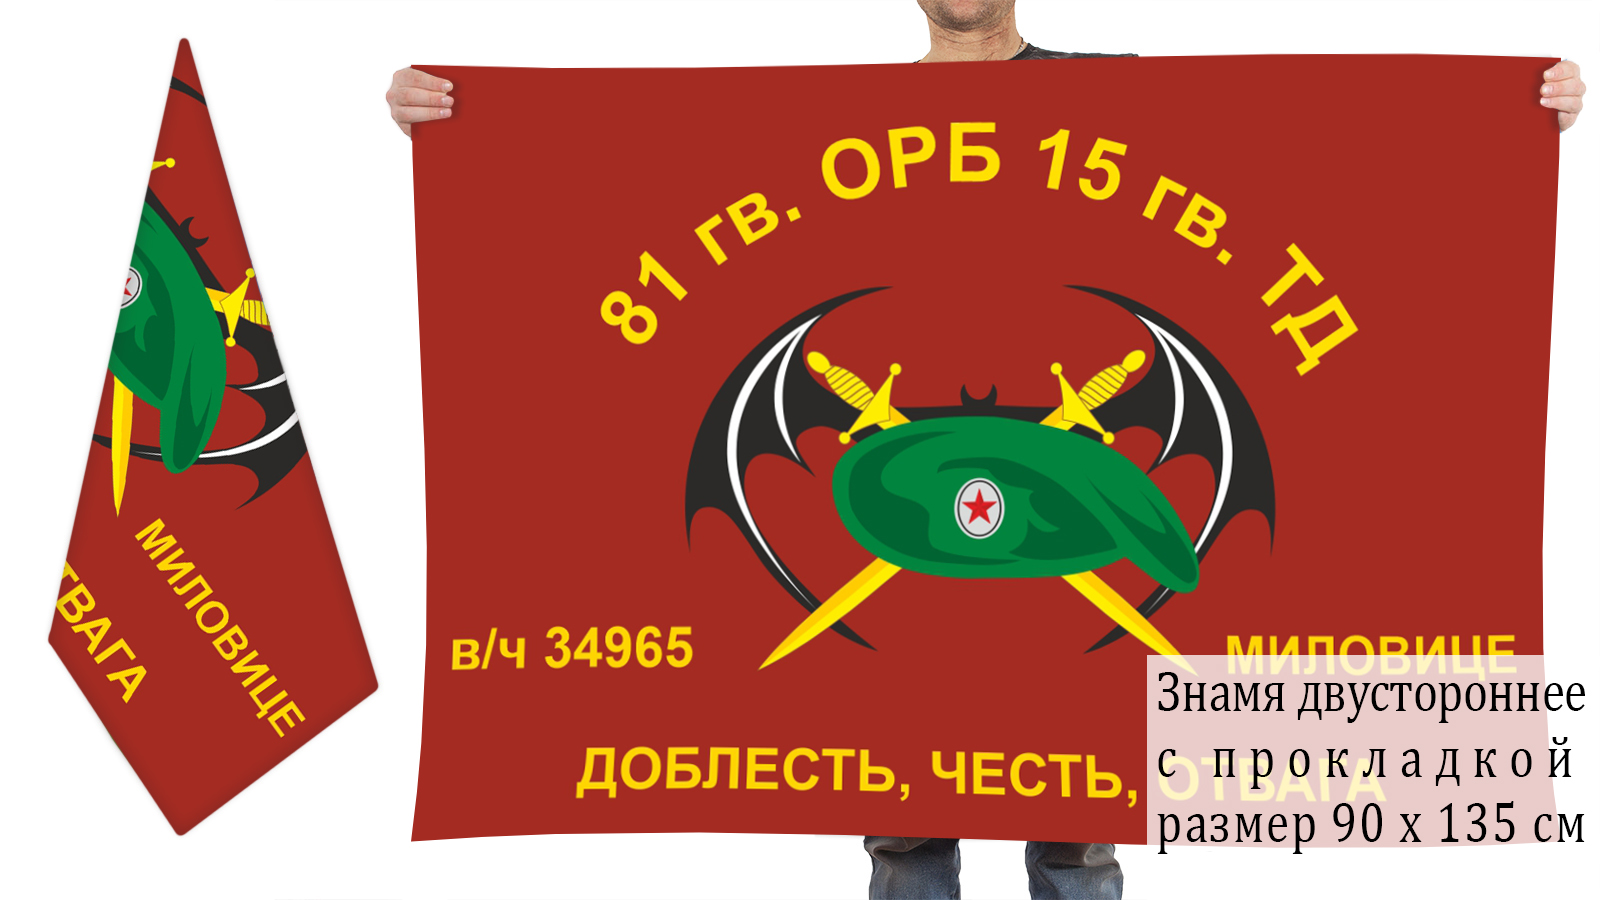 Двусторонний флаг 81 отдельного разведбата 15 гаврдейской ТД